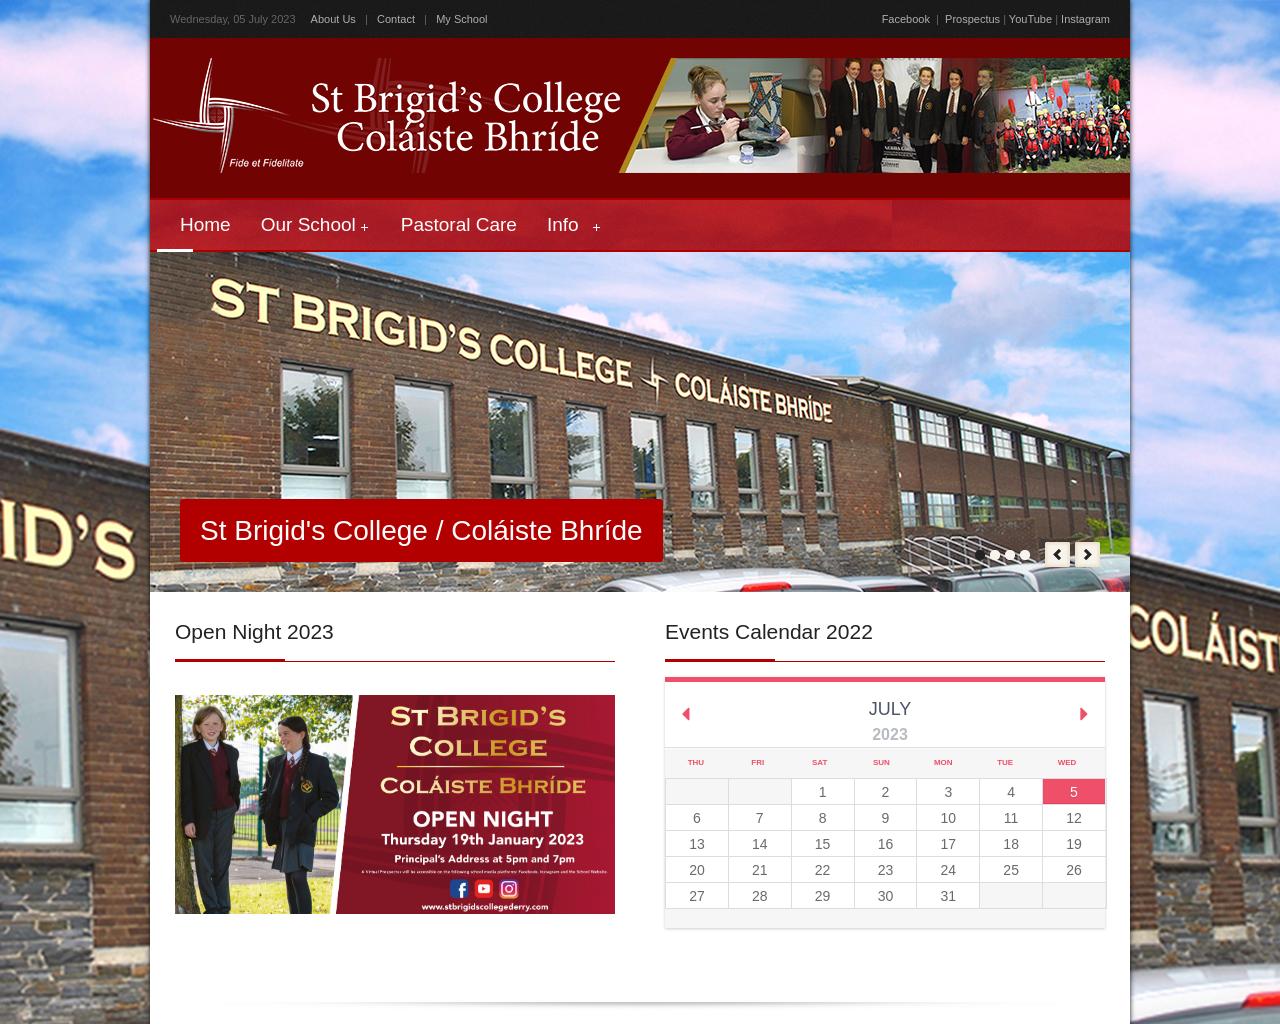 St. Brigid's College Website